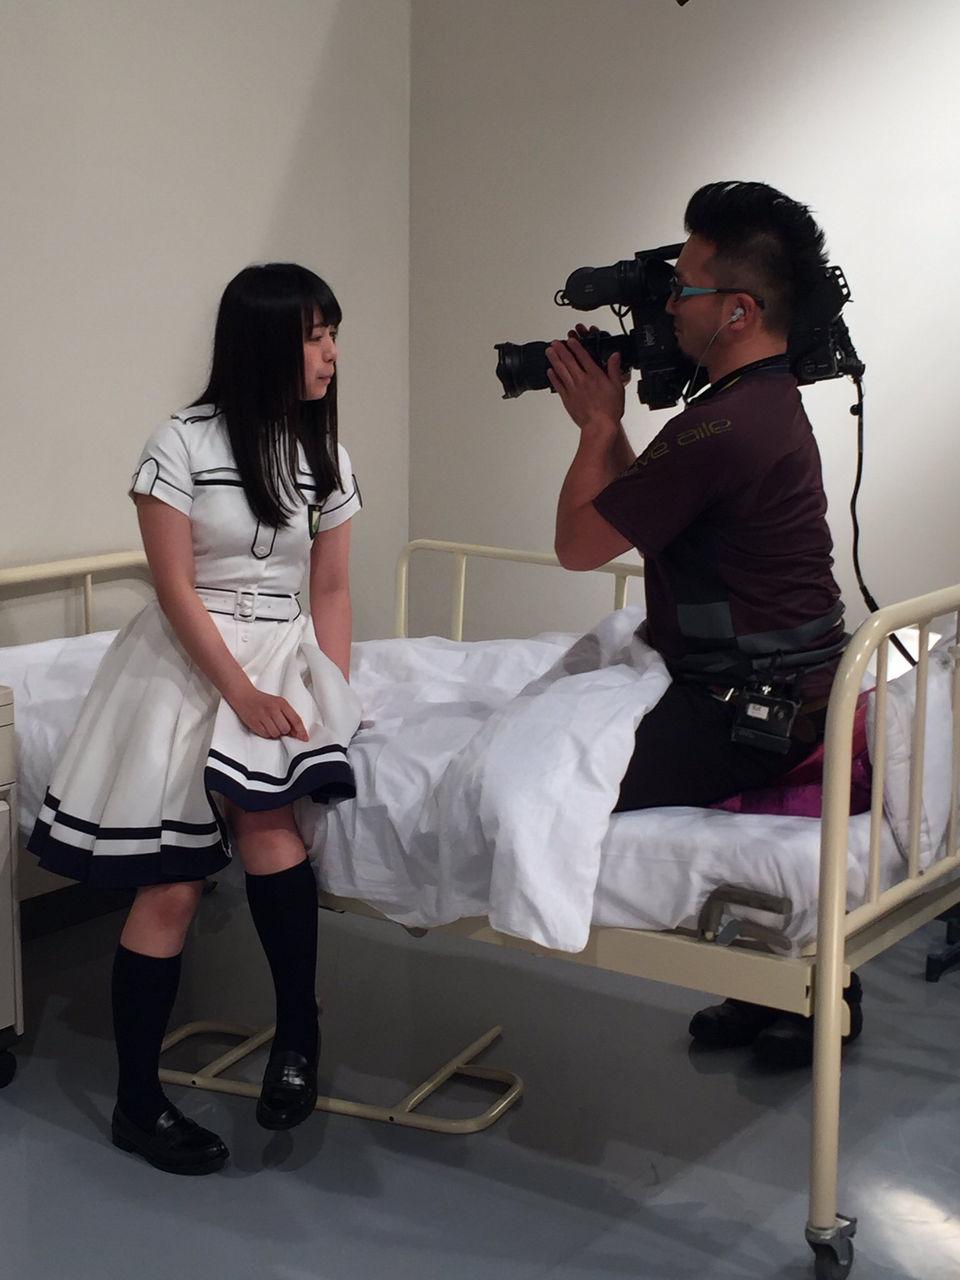 欅坂46の巨乳爆乳なおっぱいエロ画像がセクシーすぎる